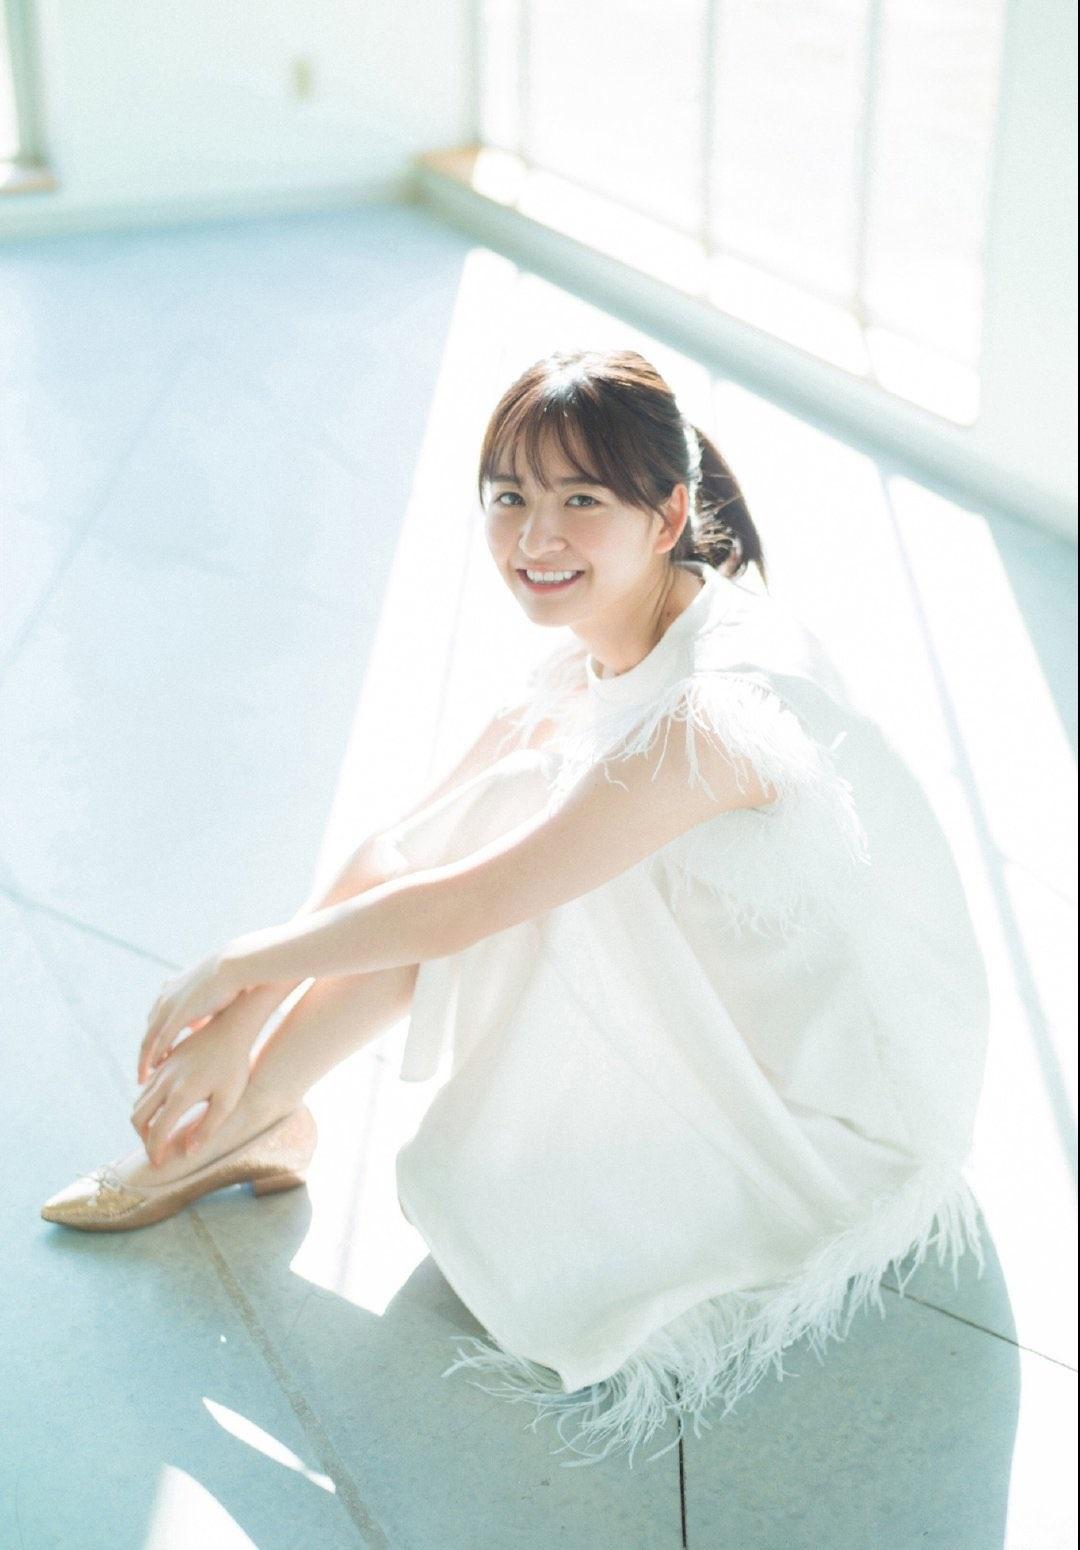 金川纱耶 网络美女 第5张